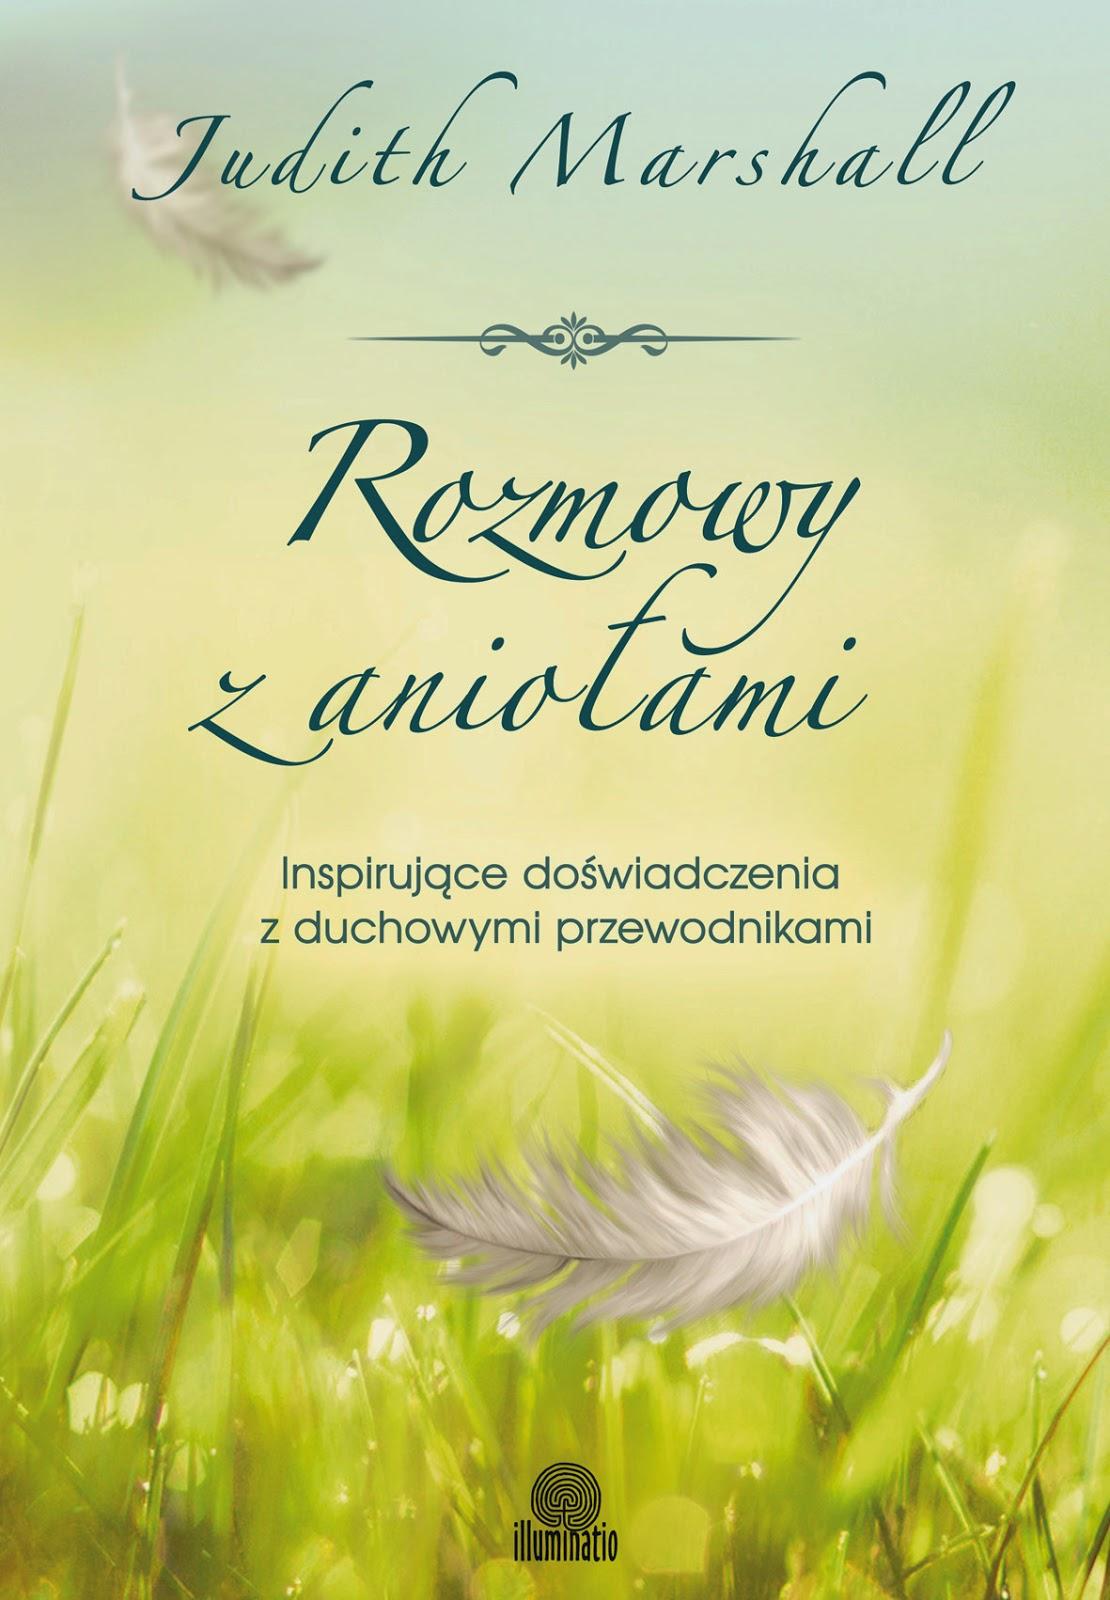 http://www.illuminatio.pl/ksiazki/rozmowy-z-aniolami/